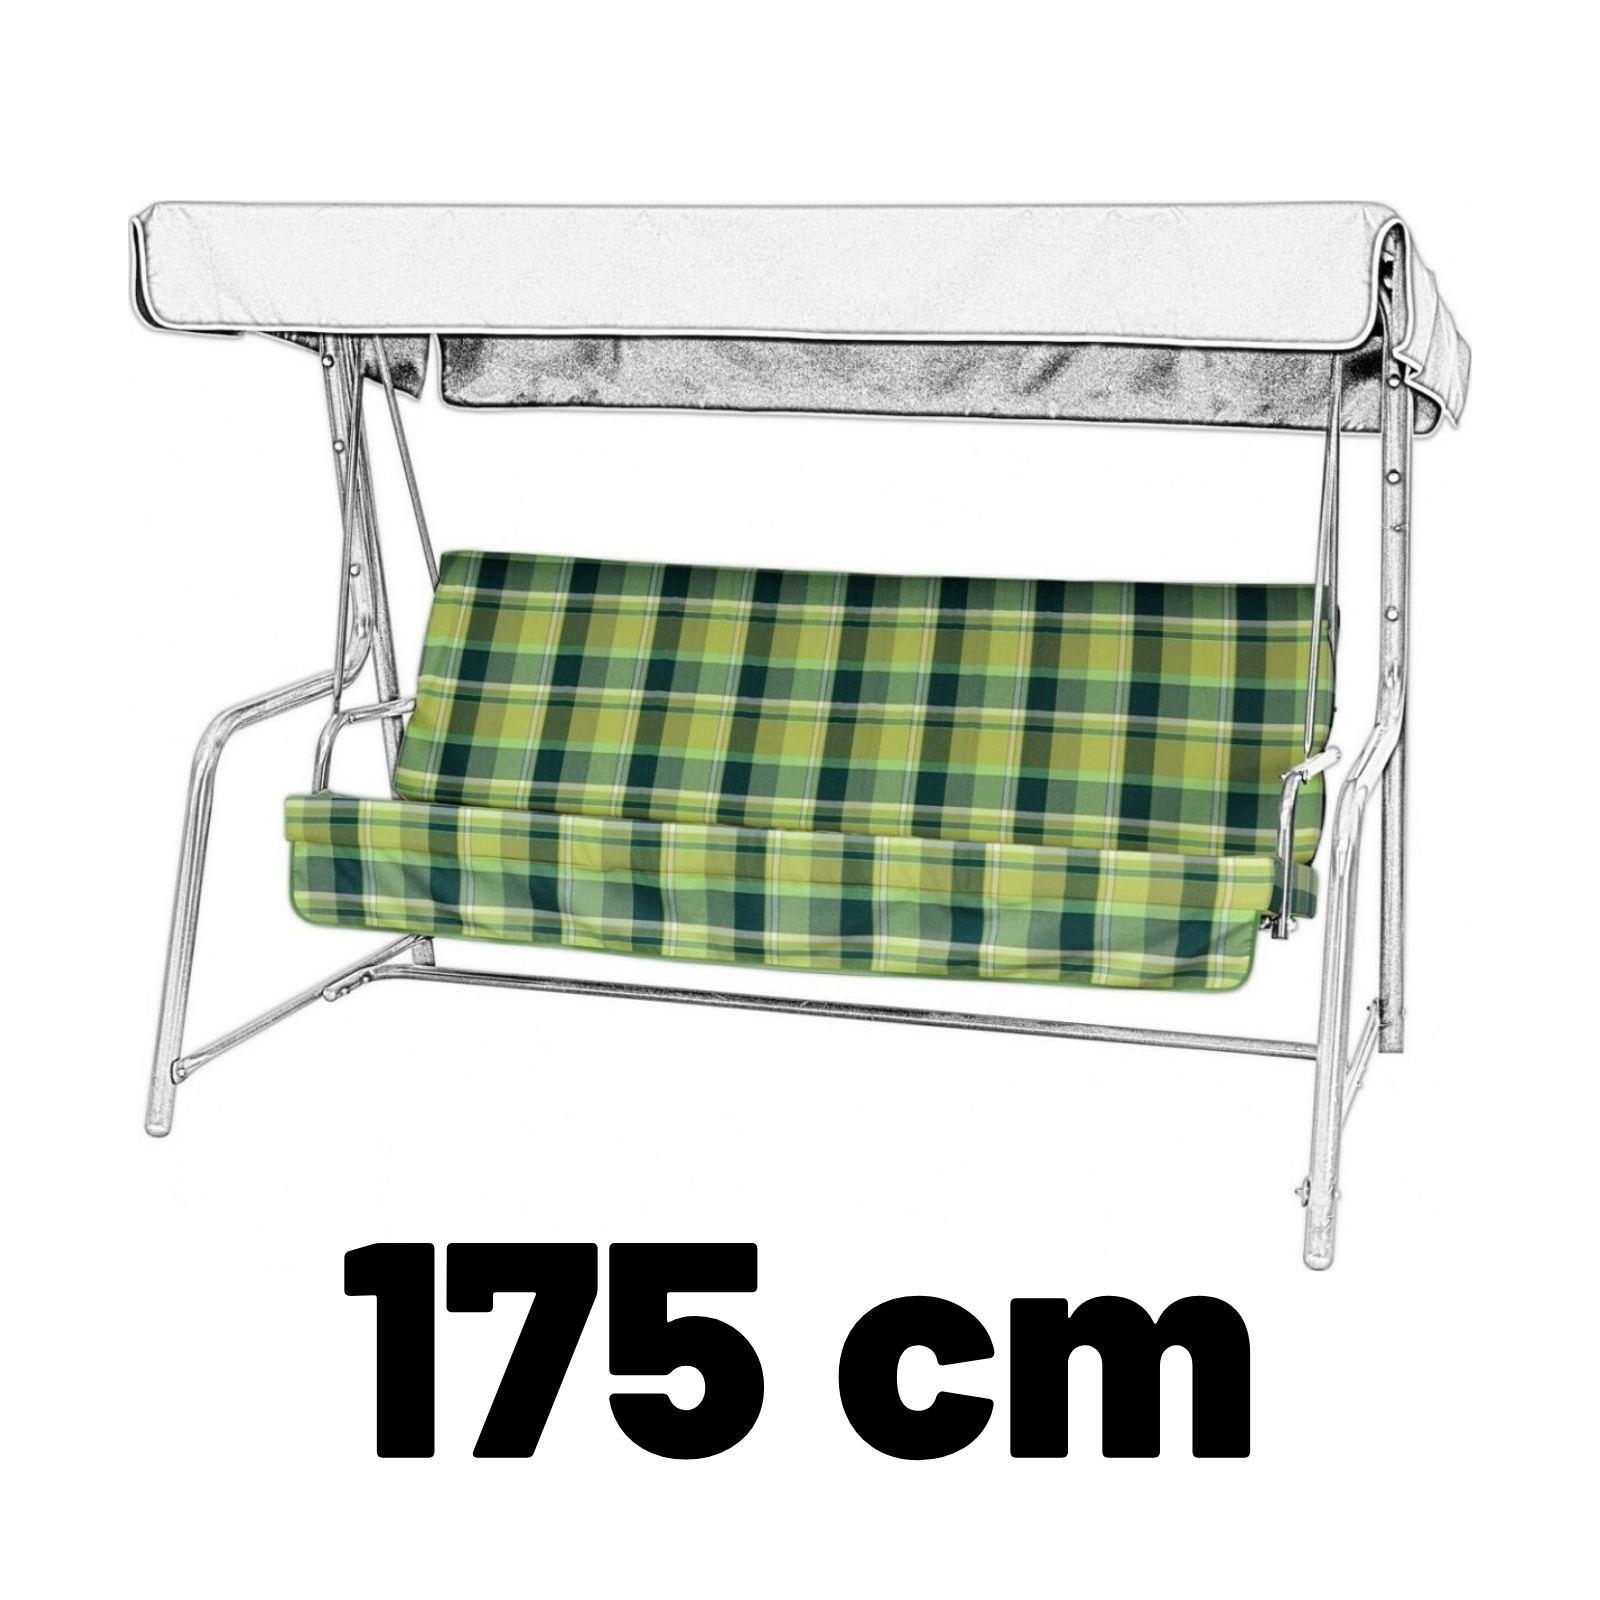 Poduszki na huśtawkę ogrodową Sklep.ampo.pl